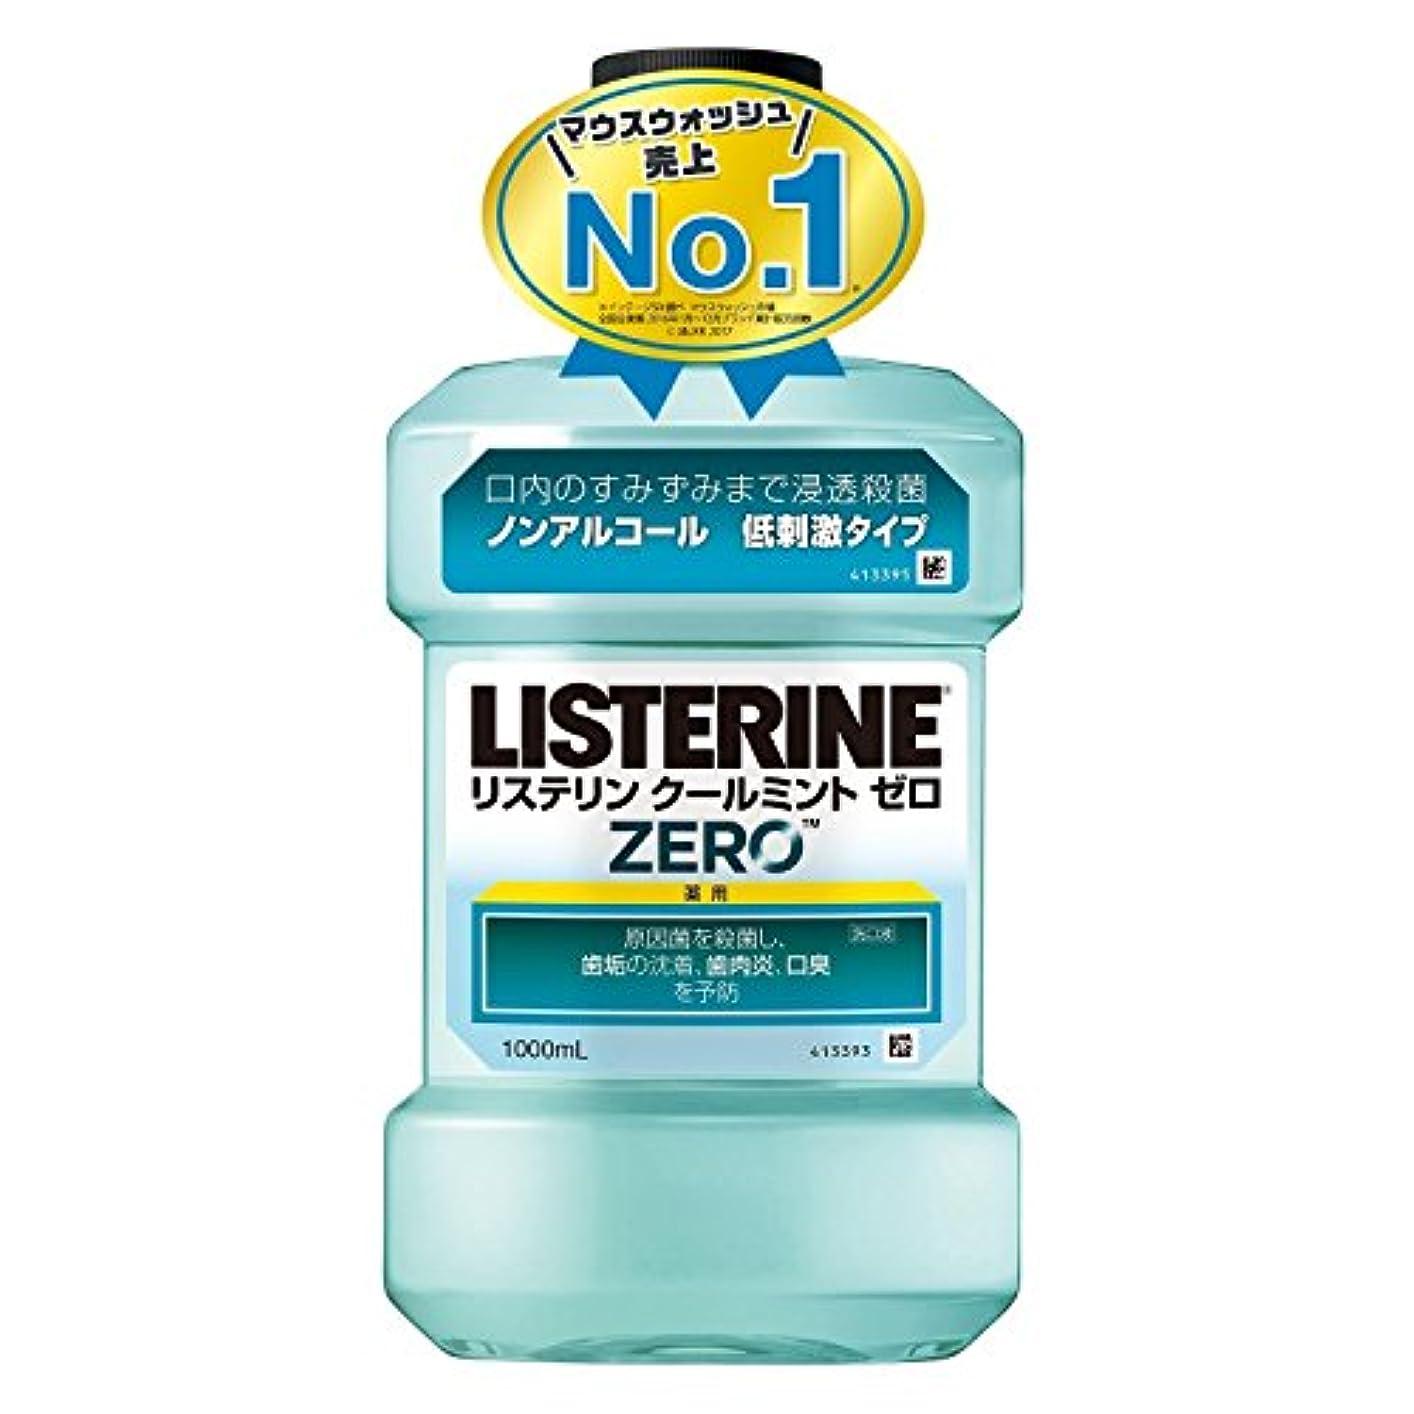 四半期担保指定【大容量2本】薬用 リステリン クールミントゼロ マウスウォッシュ 低刺激 1000mLx2本(4901730160117-2)